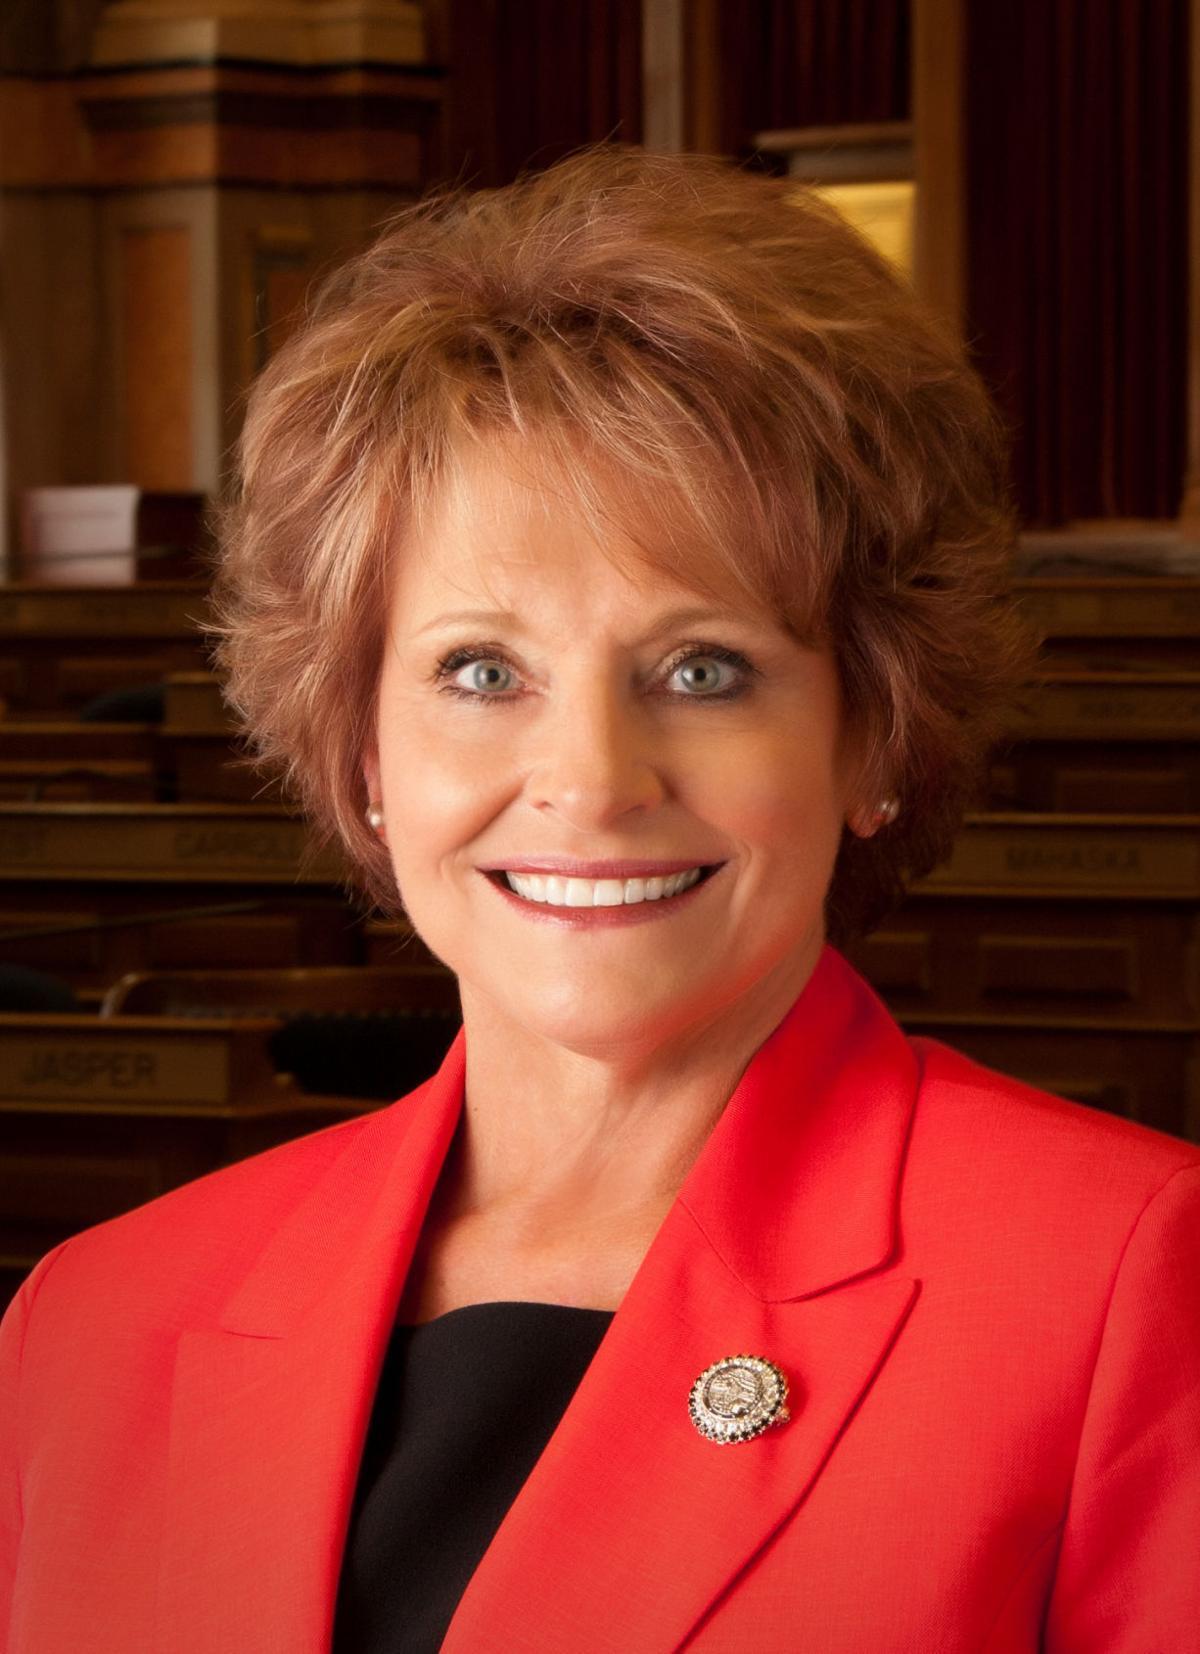 Iowa Rep. Linda Upmeyer